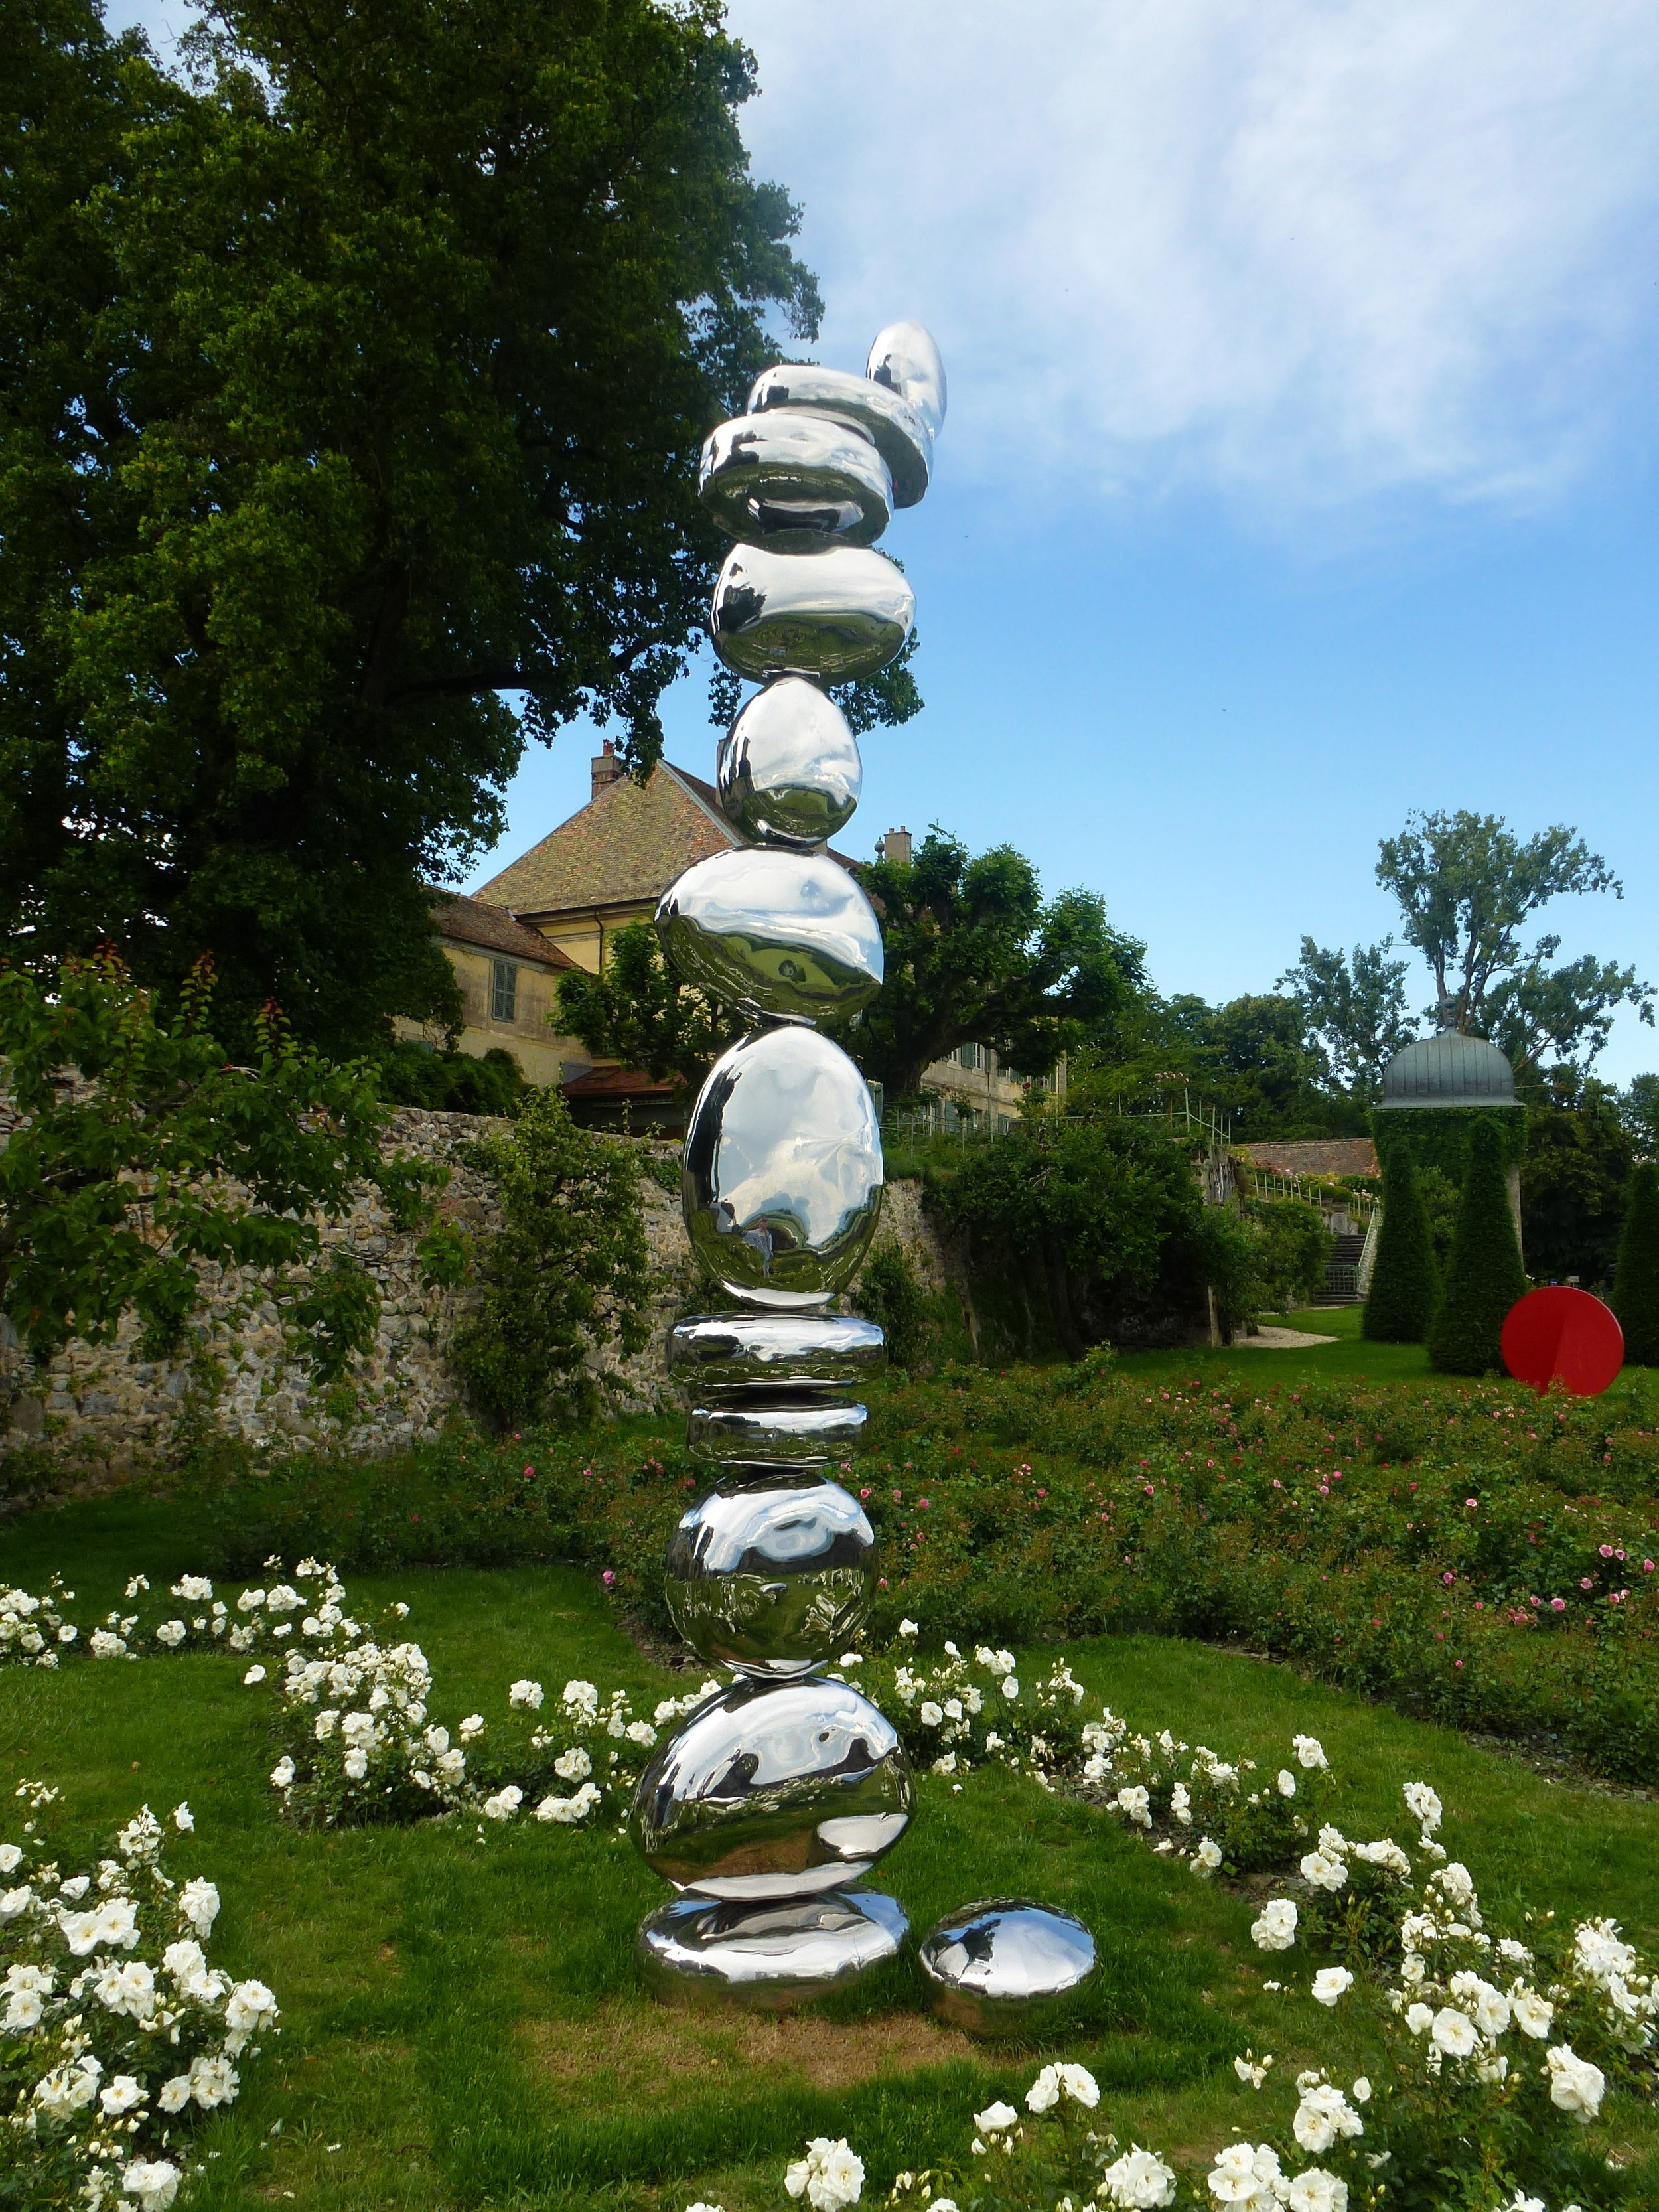 Installation de 16 «pierres» en acier inoxydable dont certains, empilés, culmineront à 4,5 mètres de hauteur ; elle est l'oeuvre du Belge Pol Quadens.